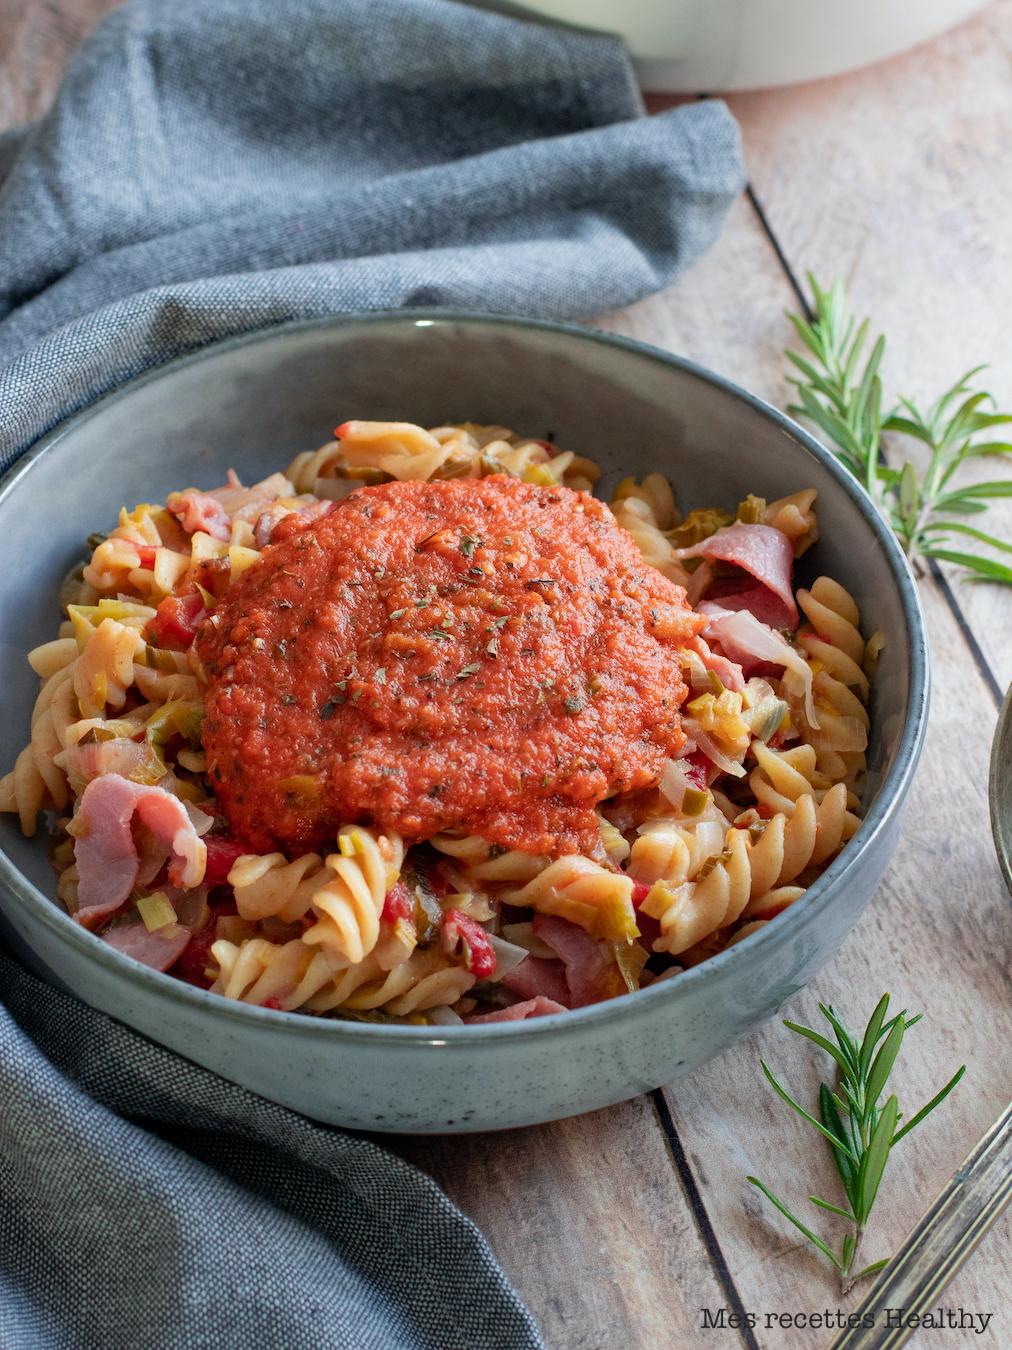 recette healthy-one pot pasta-one pasta pan-sauce tomato-pate-legume-poireau